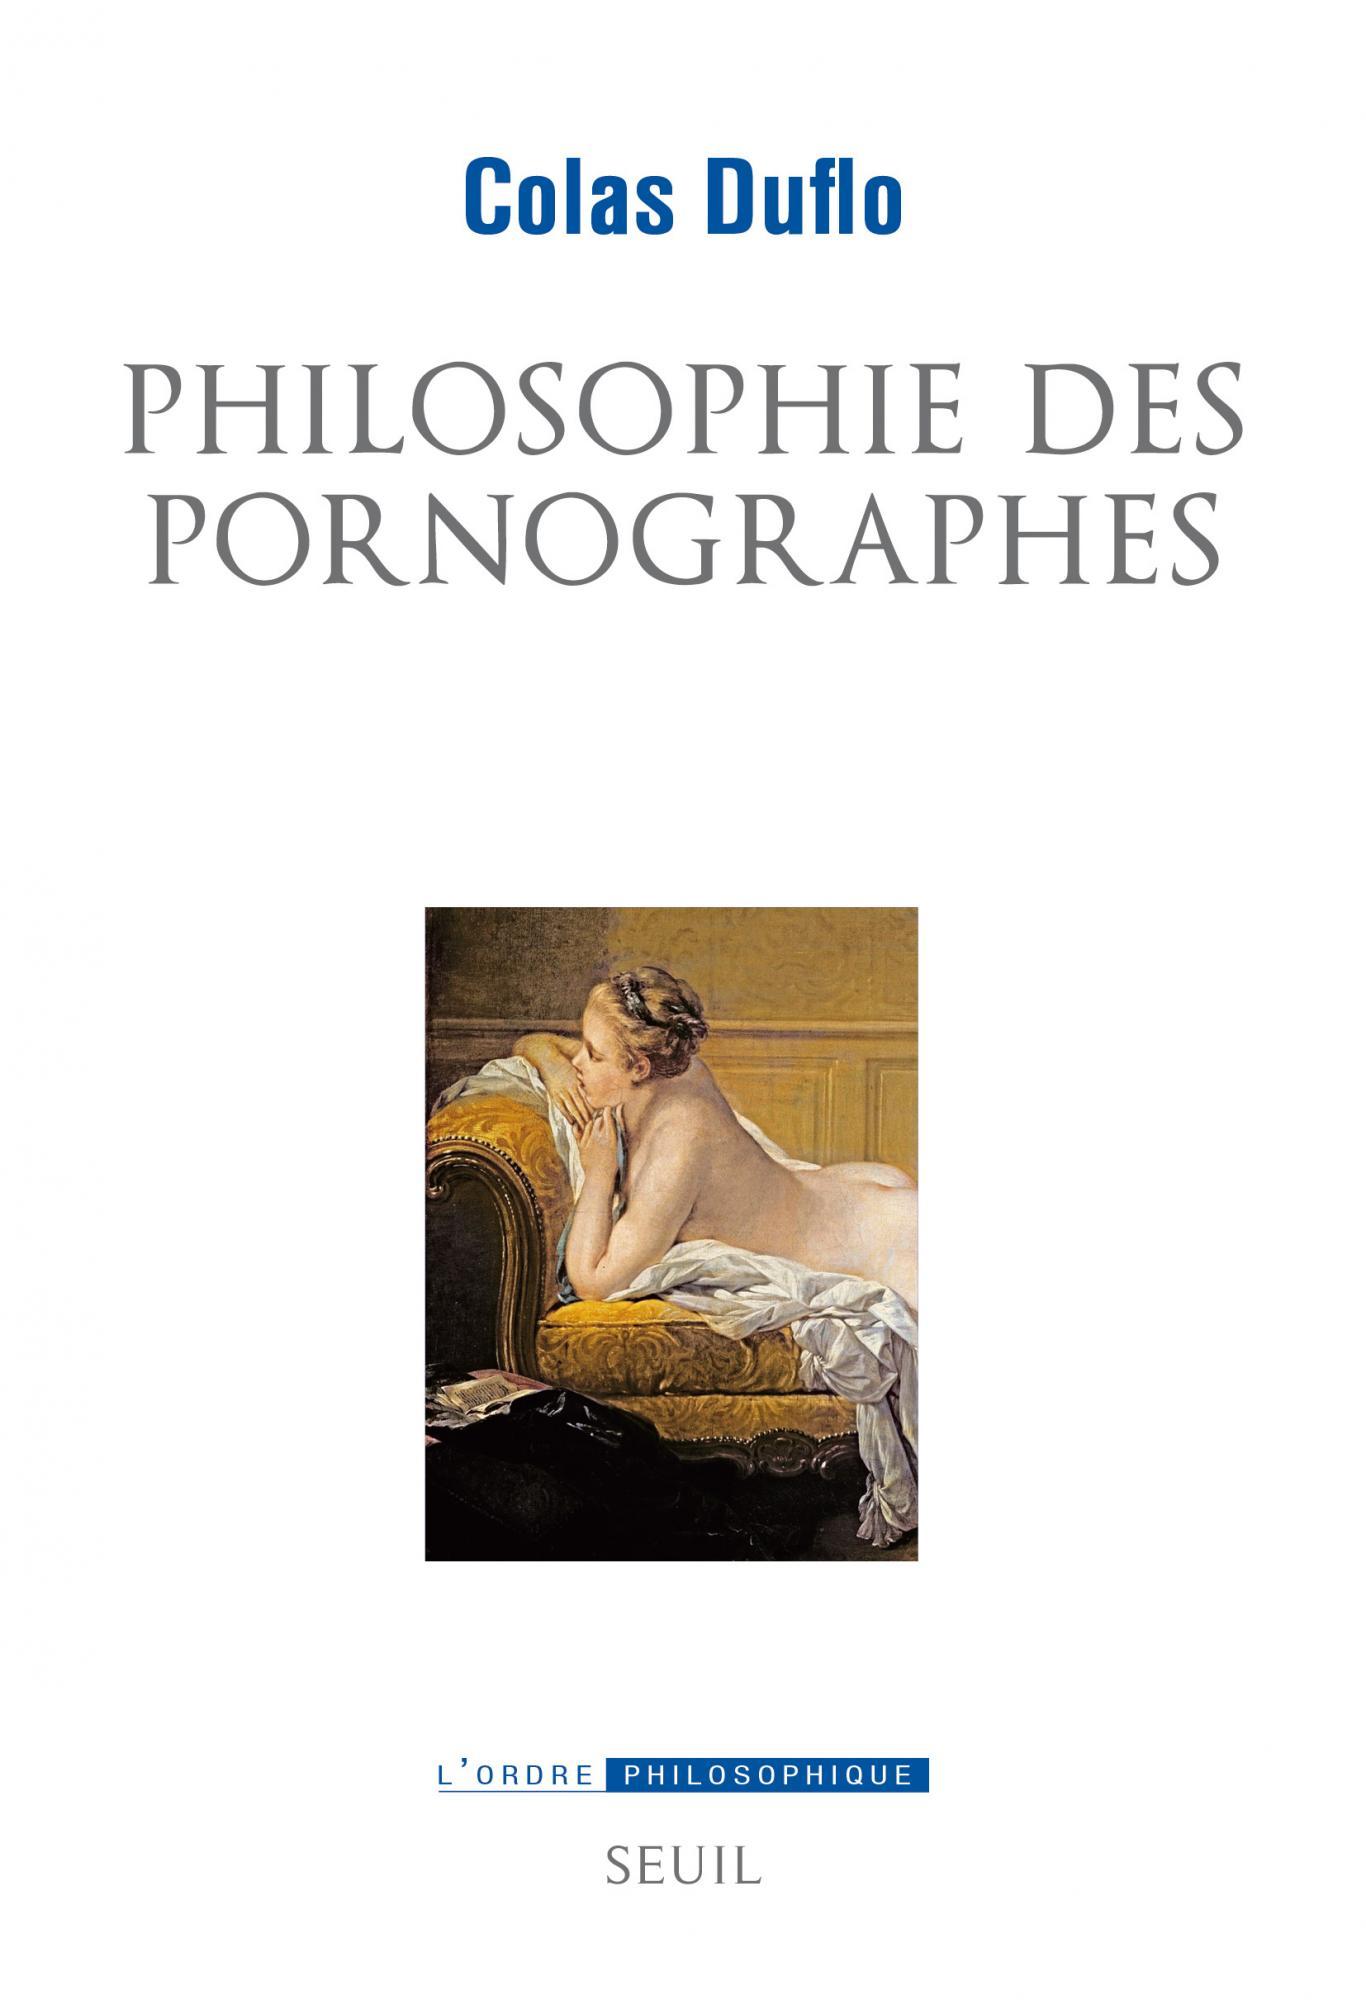 C. Duflo, Philosophie des pornographes